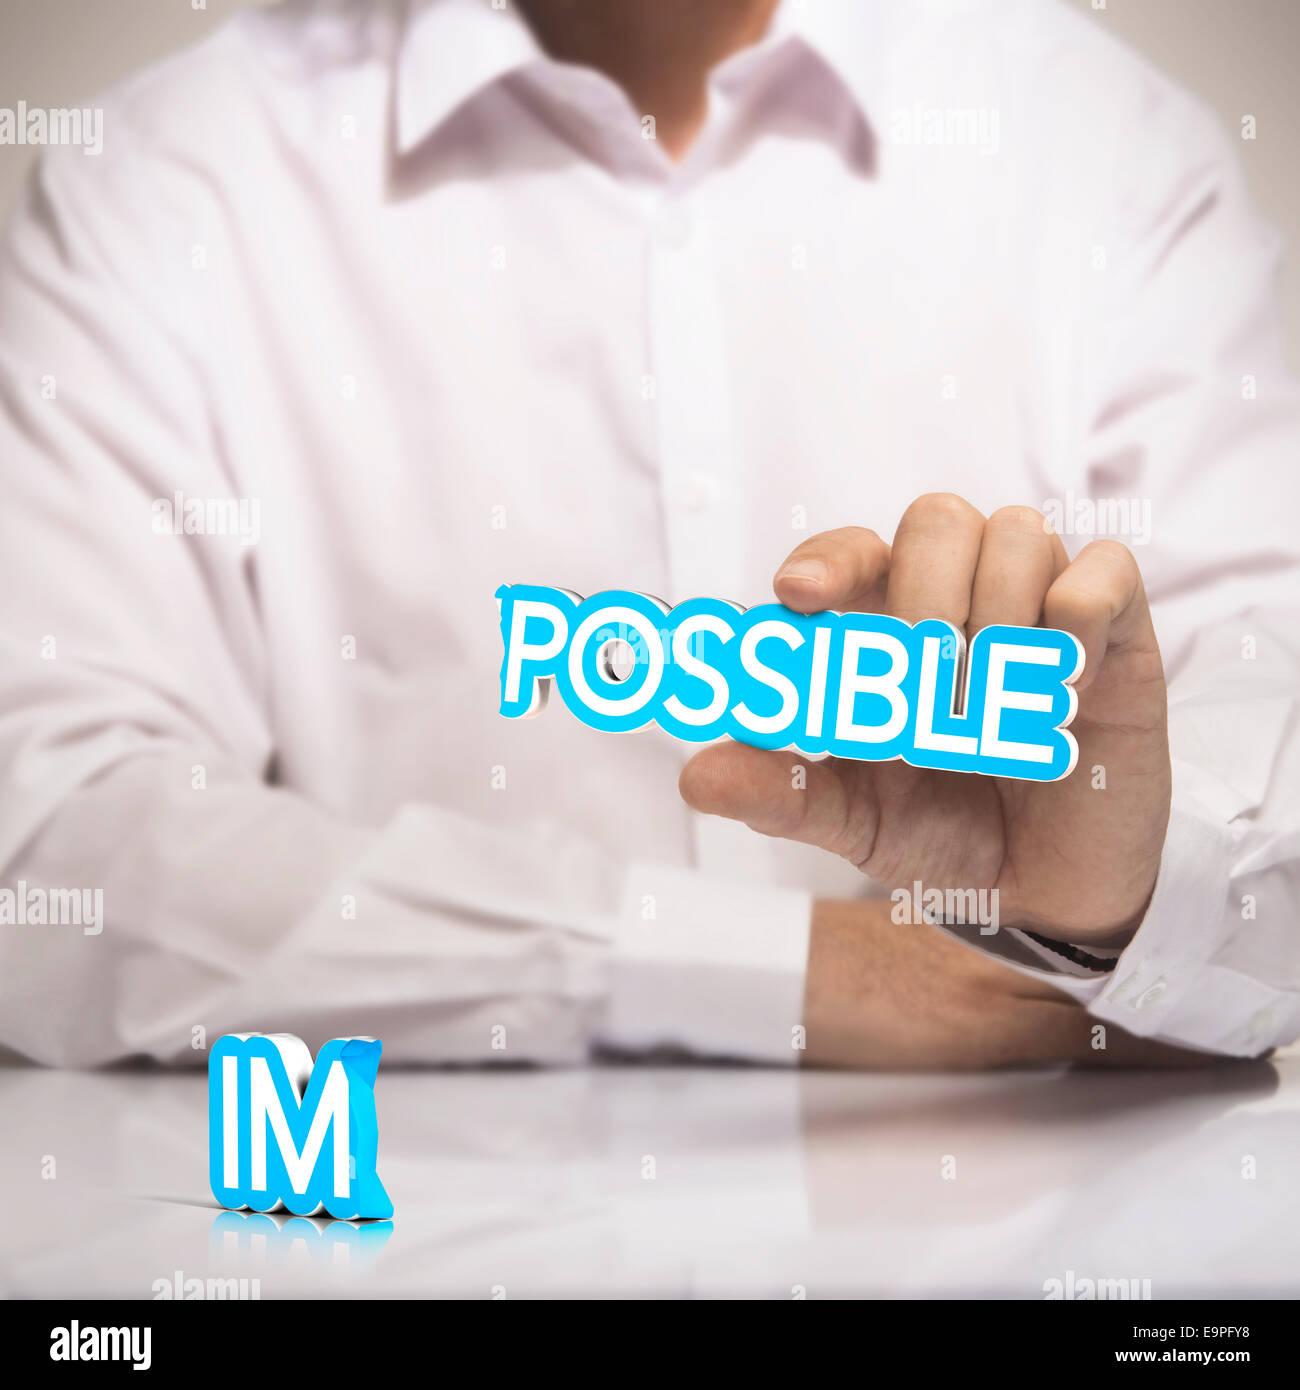 Possibile rispetto al concetto impossibile di motivazione. Un uomo con la parola possibile in una mano con il prefisso Foto Stock